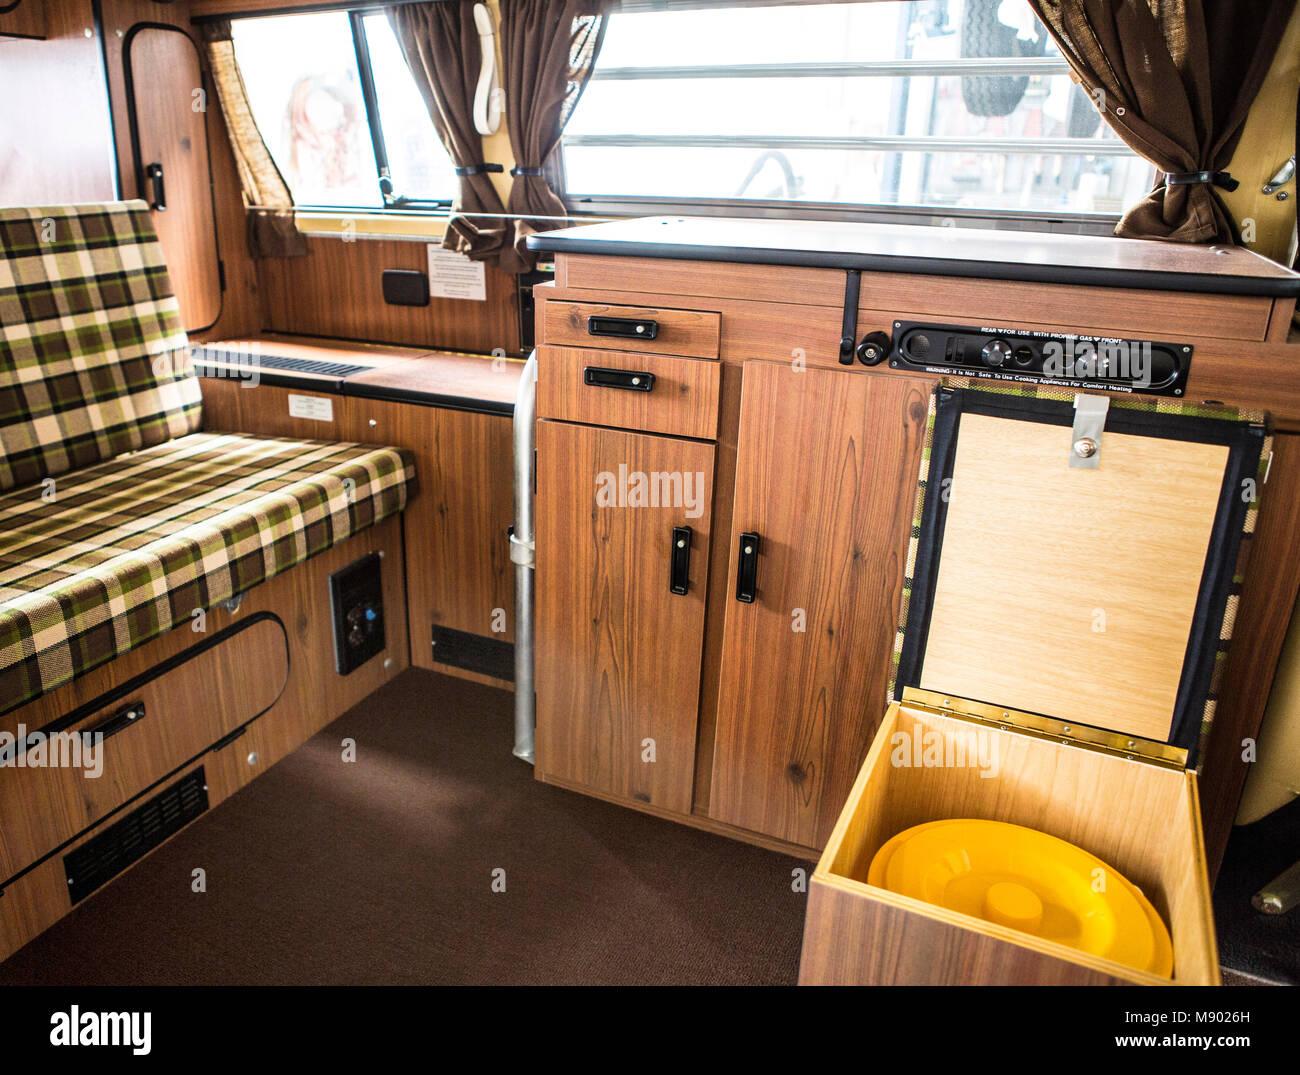 VW Bus T2 Westfalia Berlin Bulli mit originalen 993 Meilen auf dem Tacho. Bulli stand 37 Jahre in der Garage. Stock Photo